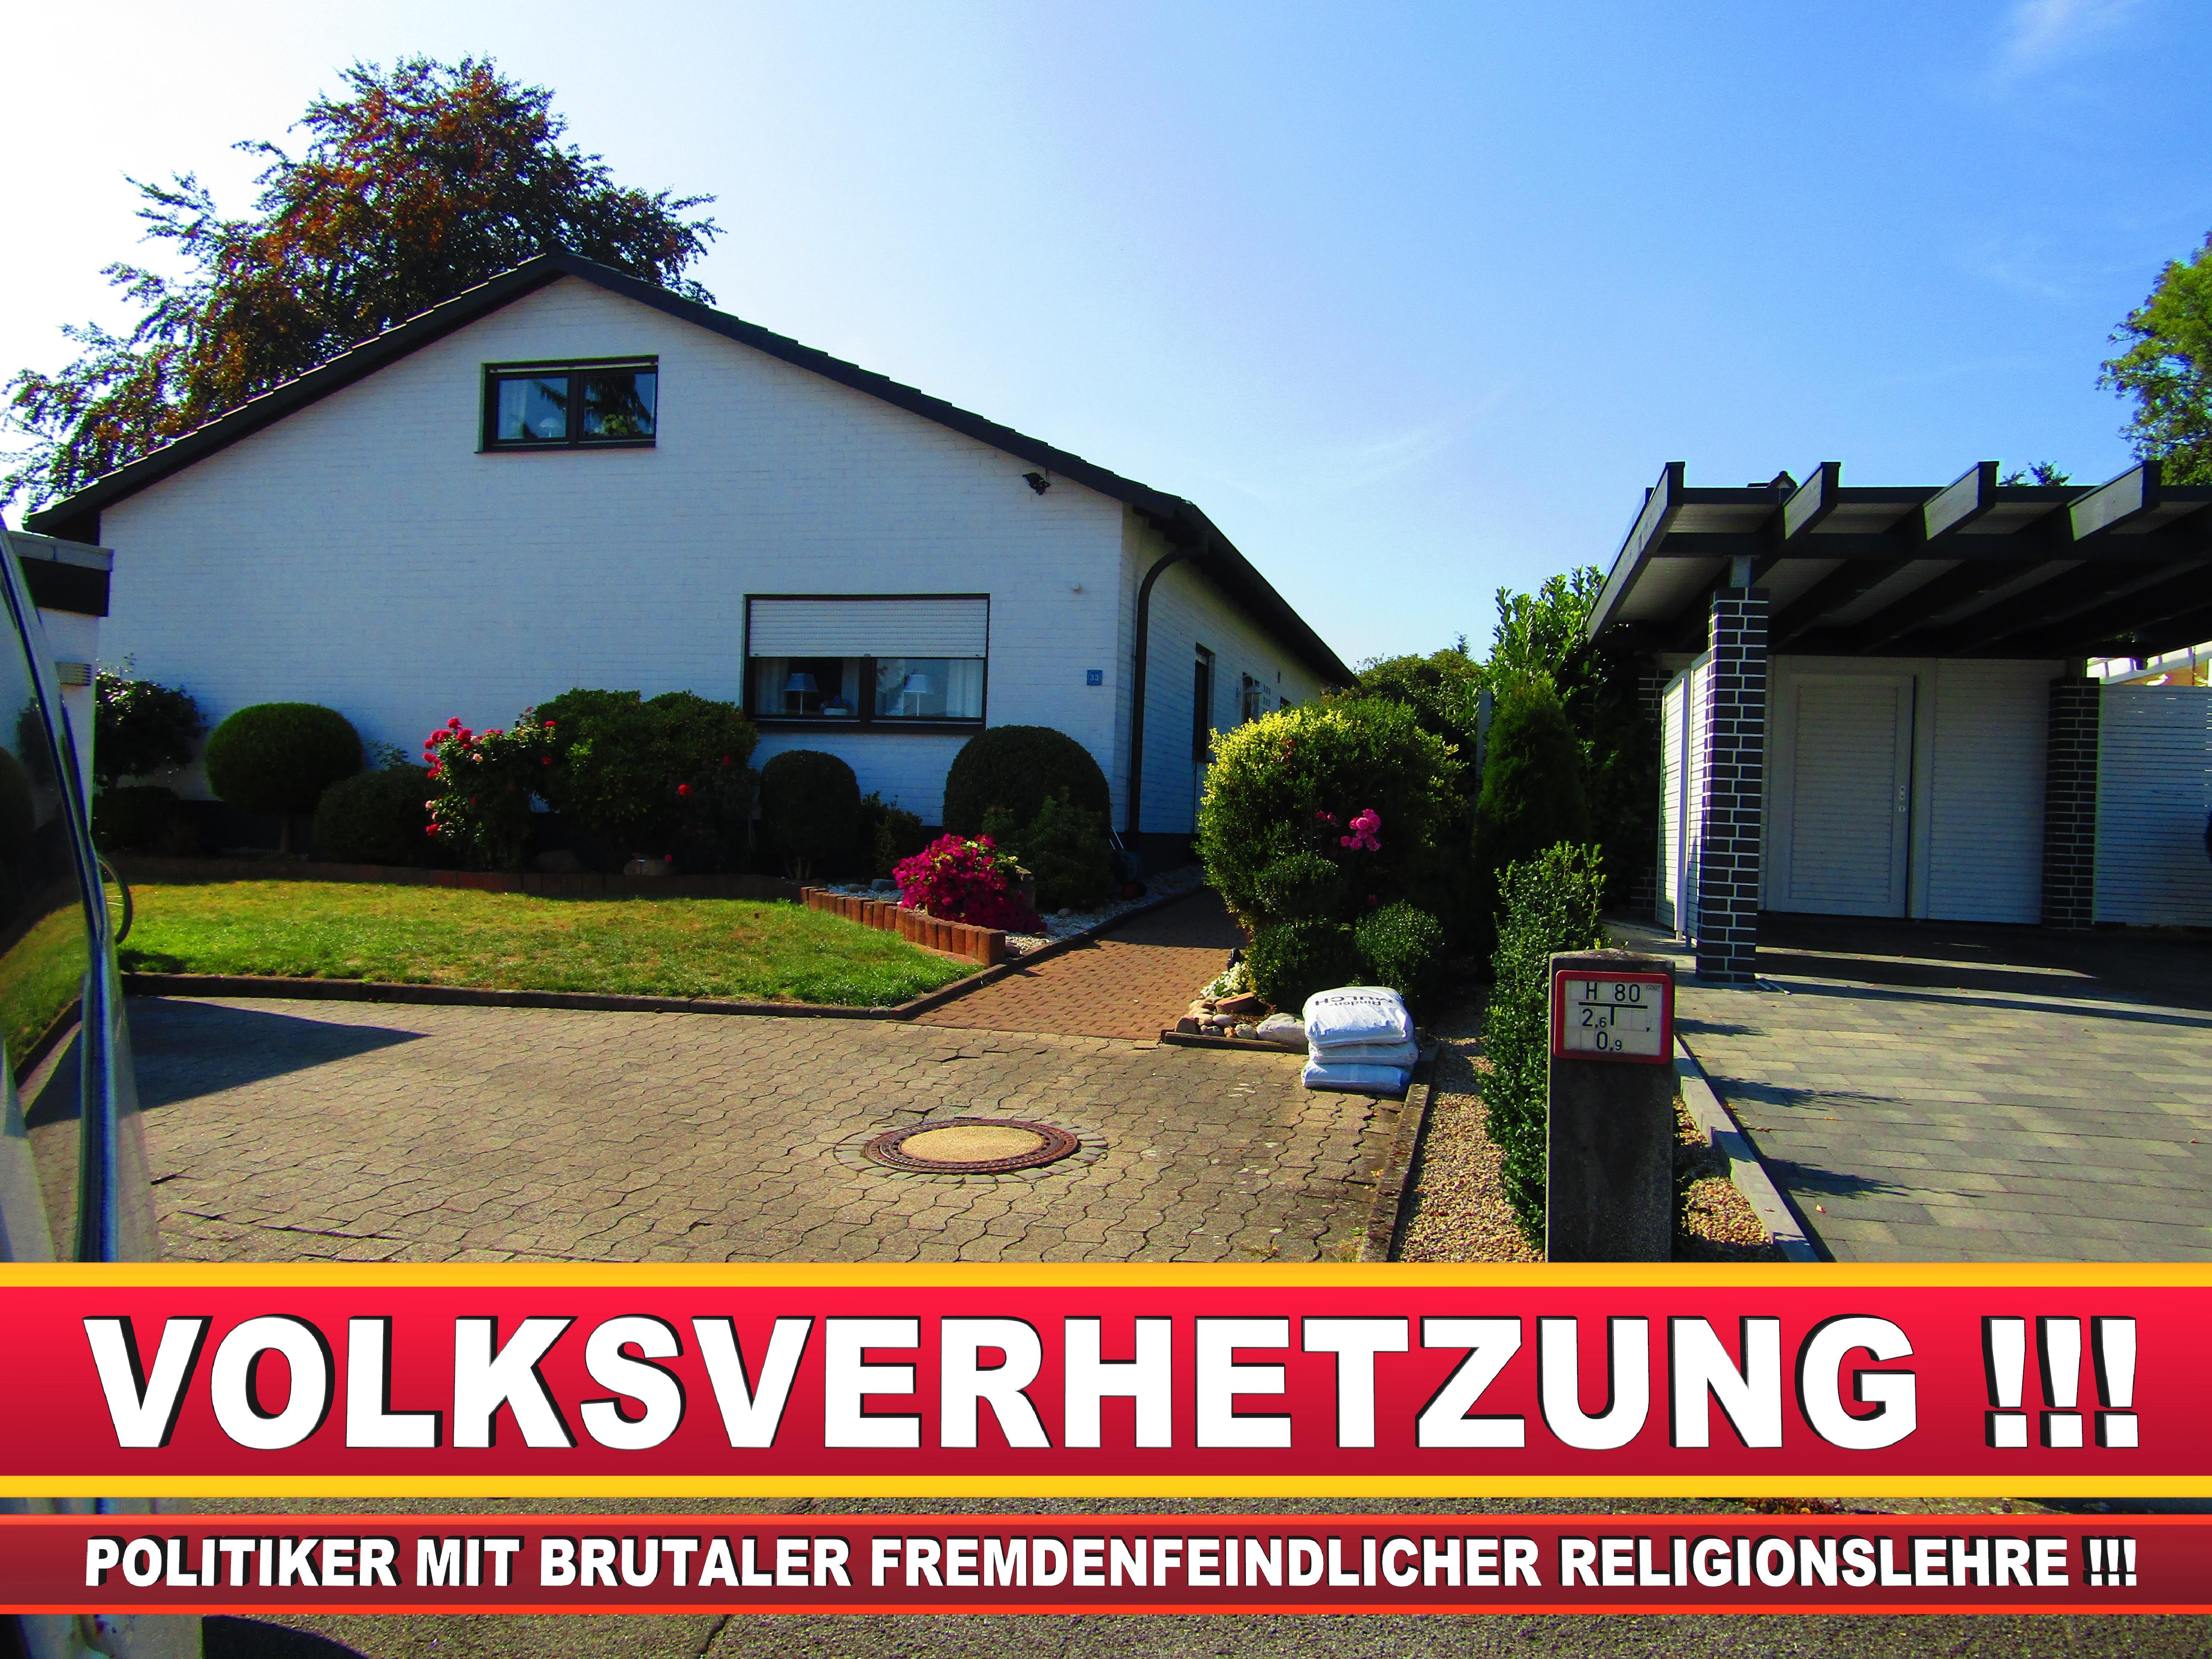 JENS SCHRÖDER CDU BIELEFELD VERTRIEB LICHTWERBUNG BIELEFELD LANDTAGSWAHL BUNDESTAGSWAHL BÜRGERMEISTERWAHL